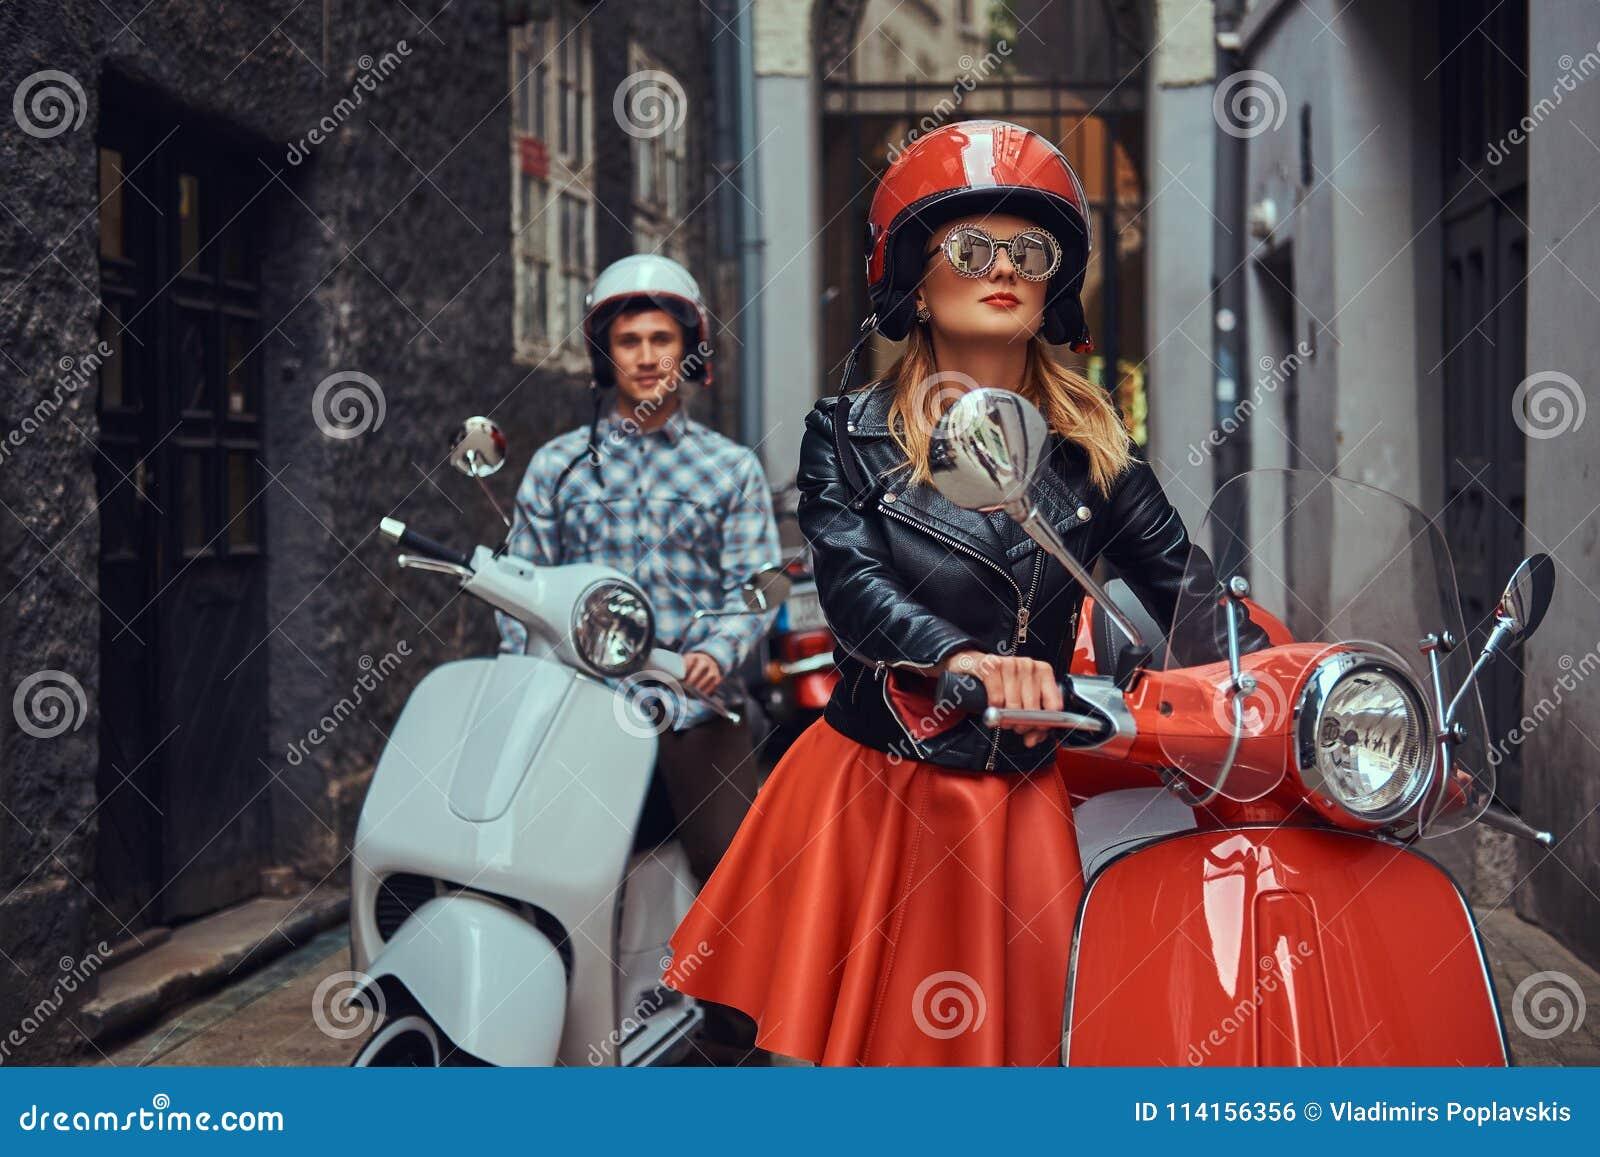 Przystojny mężczyzna i seksowna elegancka dziewczyna chodzimy z retro Włoskimi hulajnoga wzdłuż starych ulic miasto